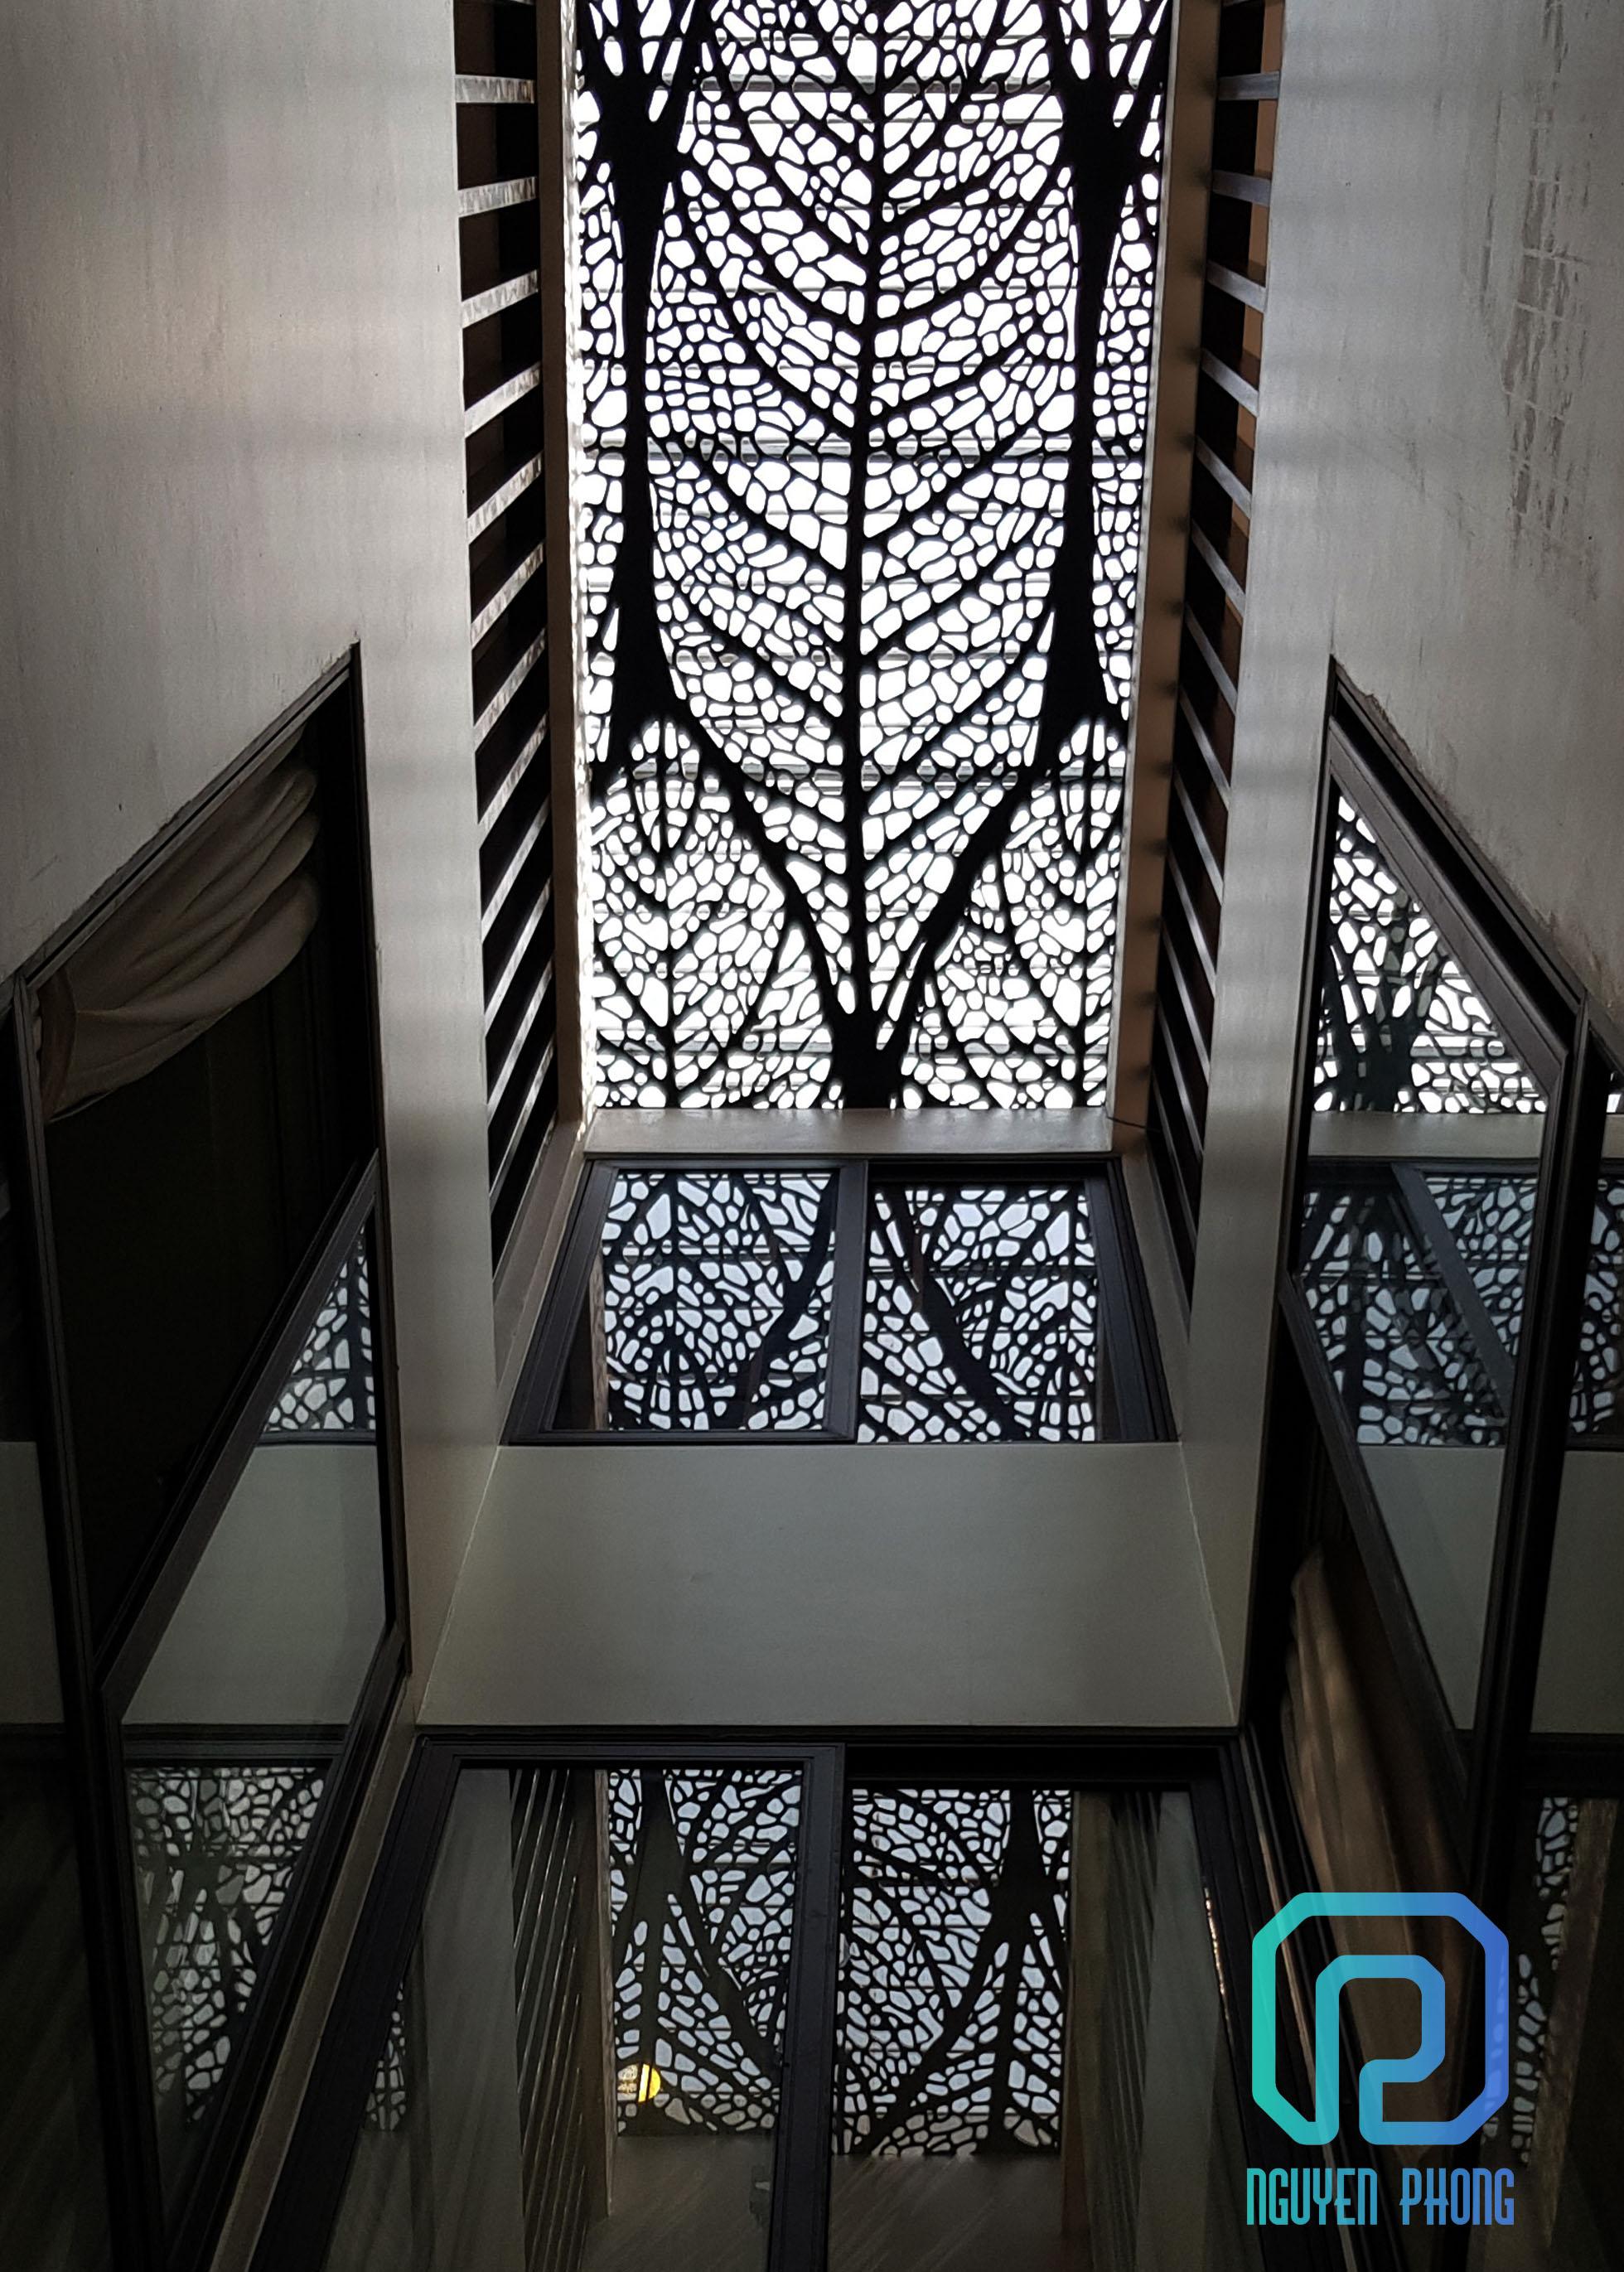 Thiết kế, gia công thi công khung trang trí giếng trời hoa văn nghệ thuật độc đáo, xinh xắn cho biệt thự, villa, showroom, khách sạn